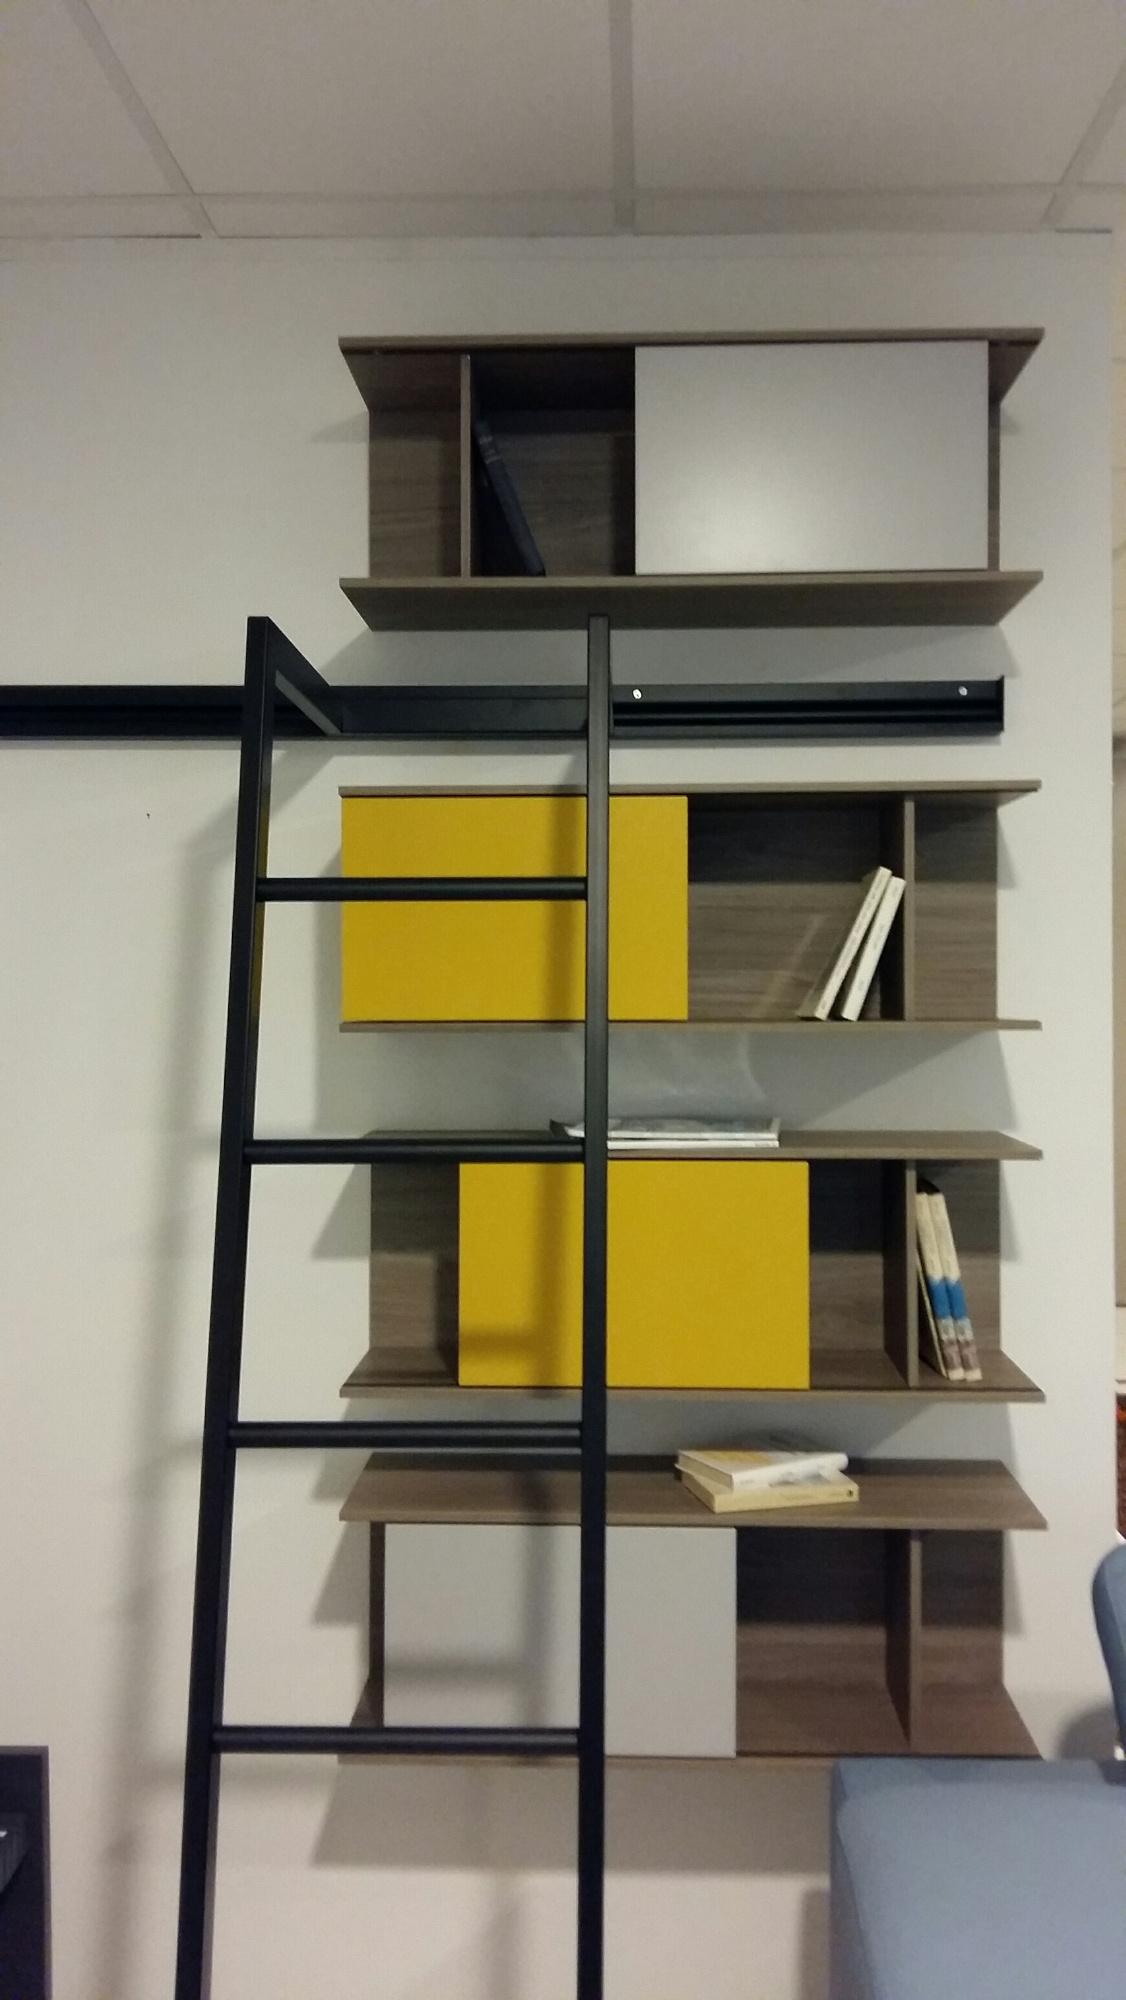 novamobili libreria about day scontato del 60 soggiorni a prezzi scontati. Black Bedroom Furniture Sets. Home Design Ideas